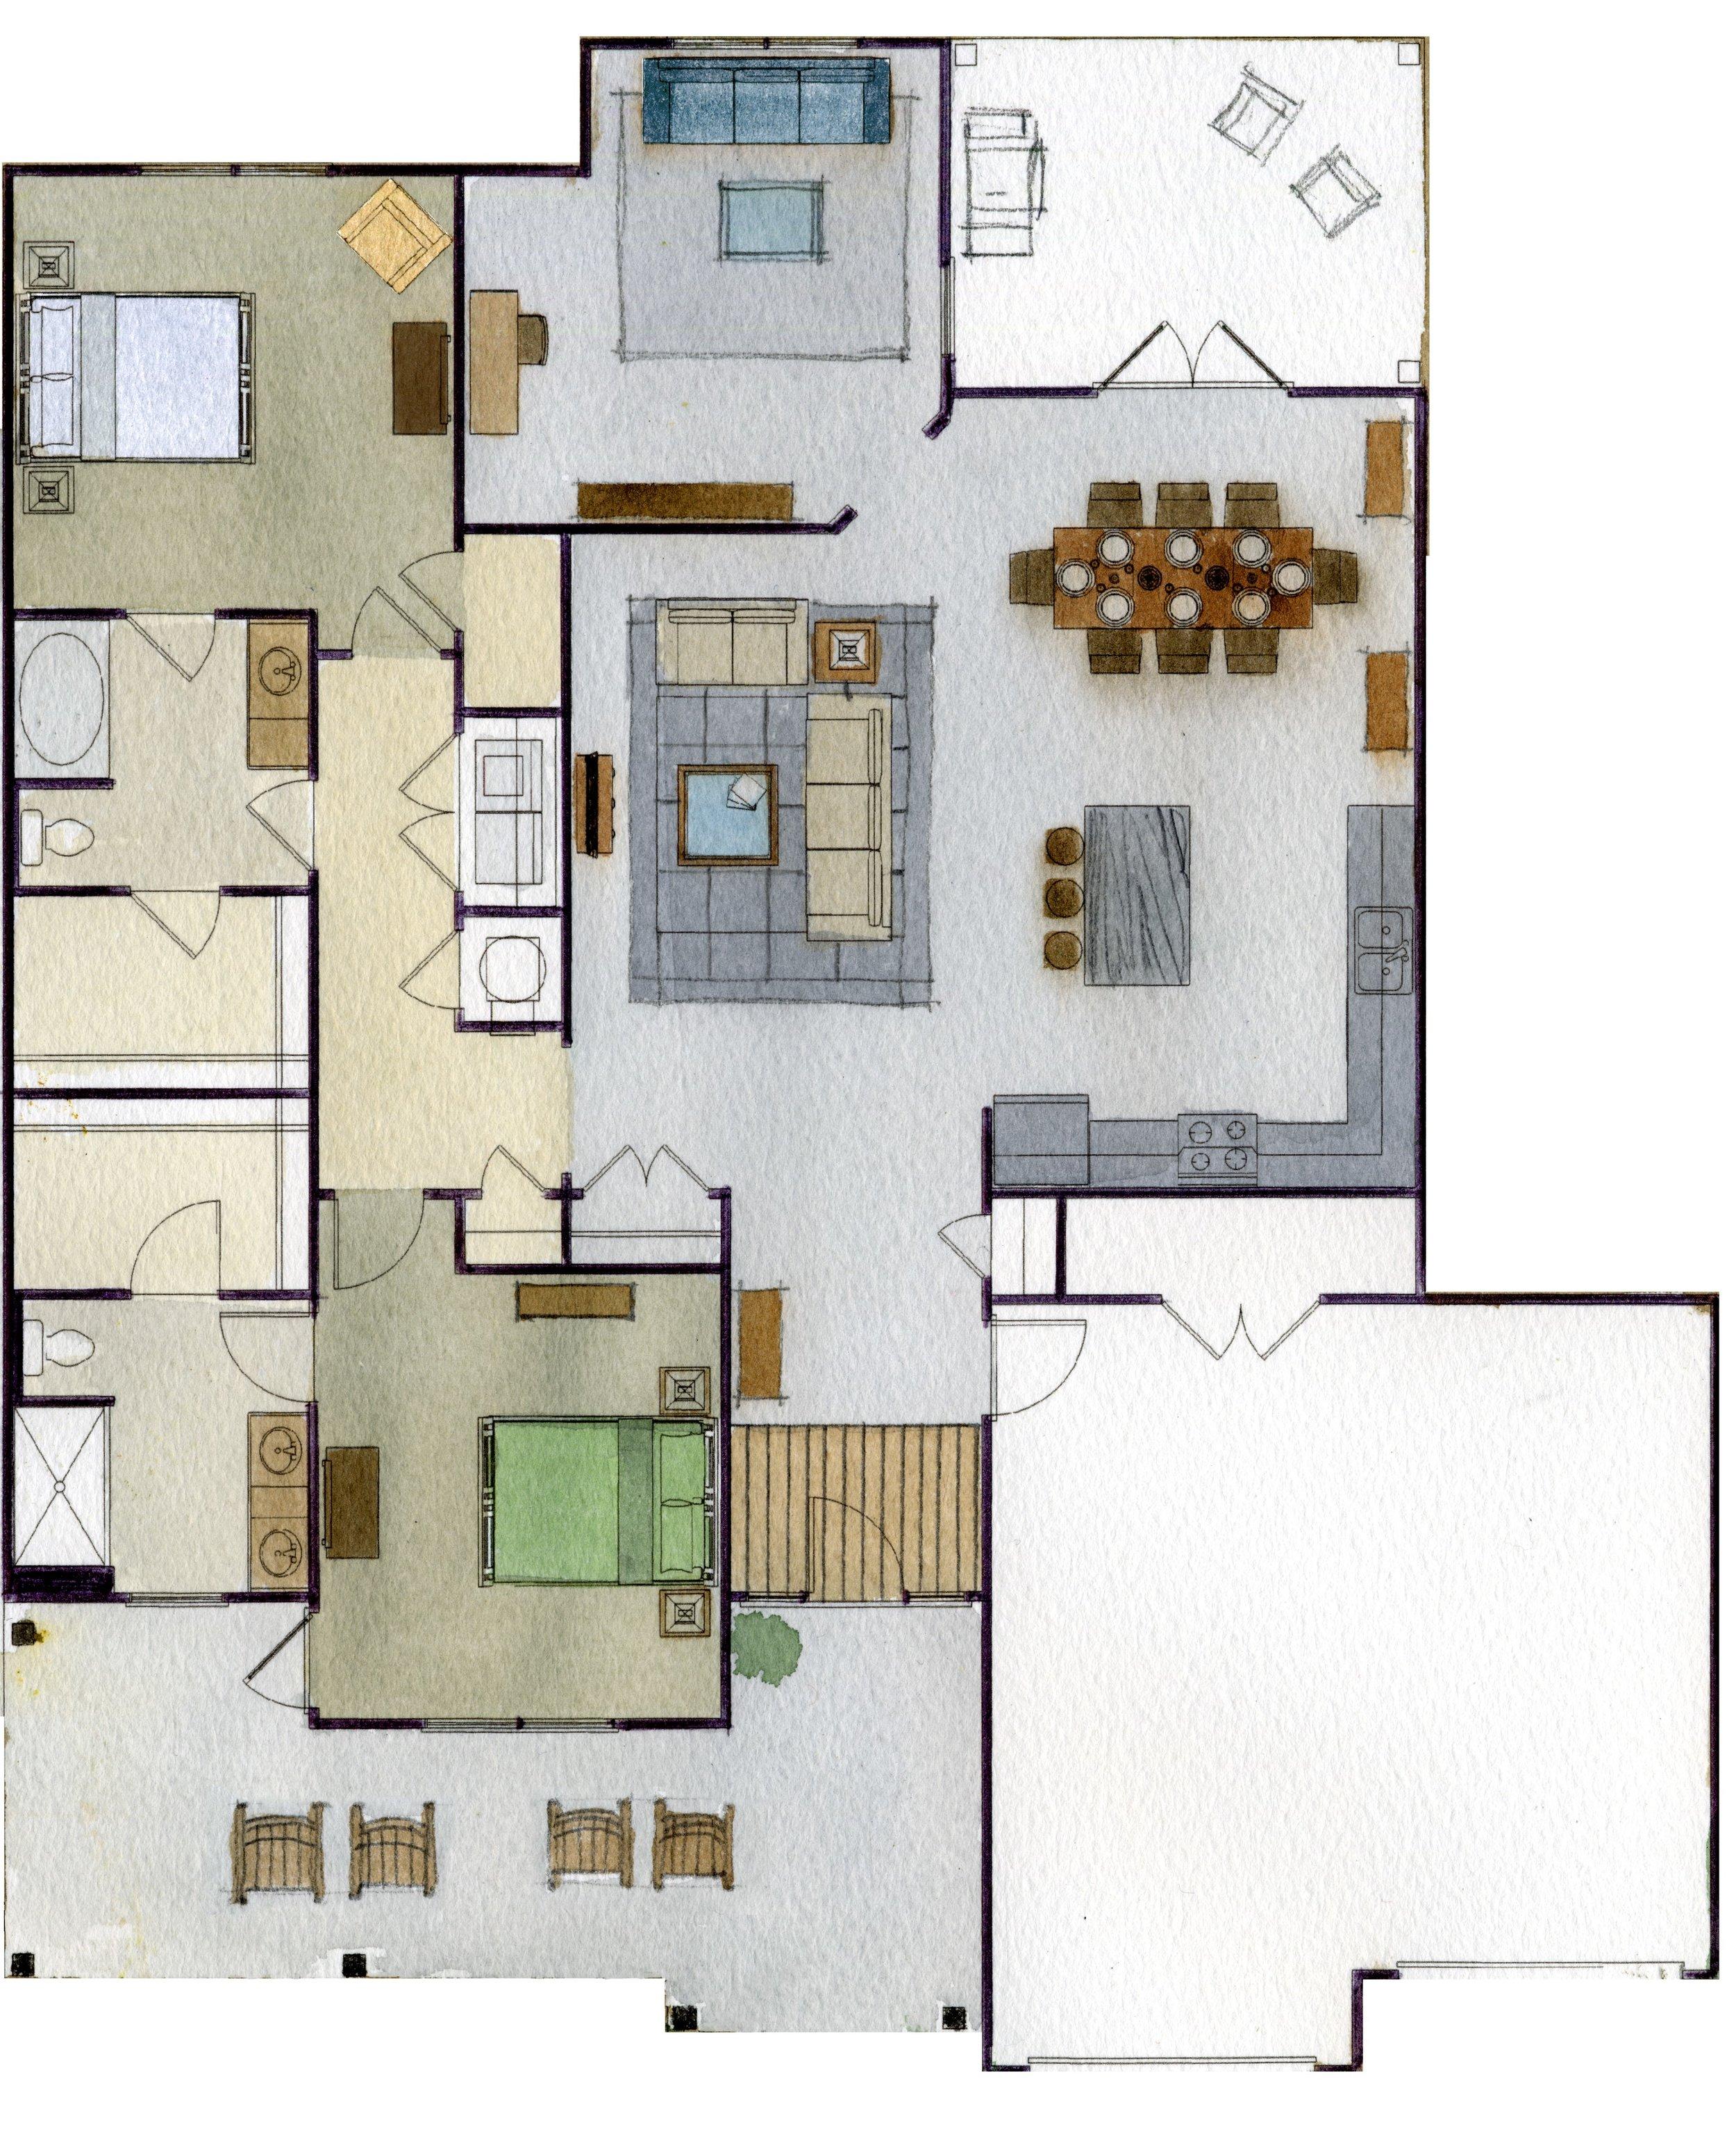 2 Bed Rm floorplan in duplex.jpg